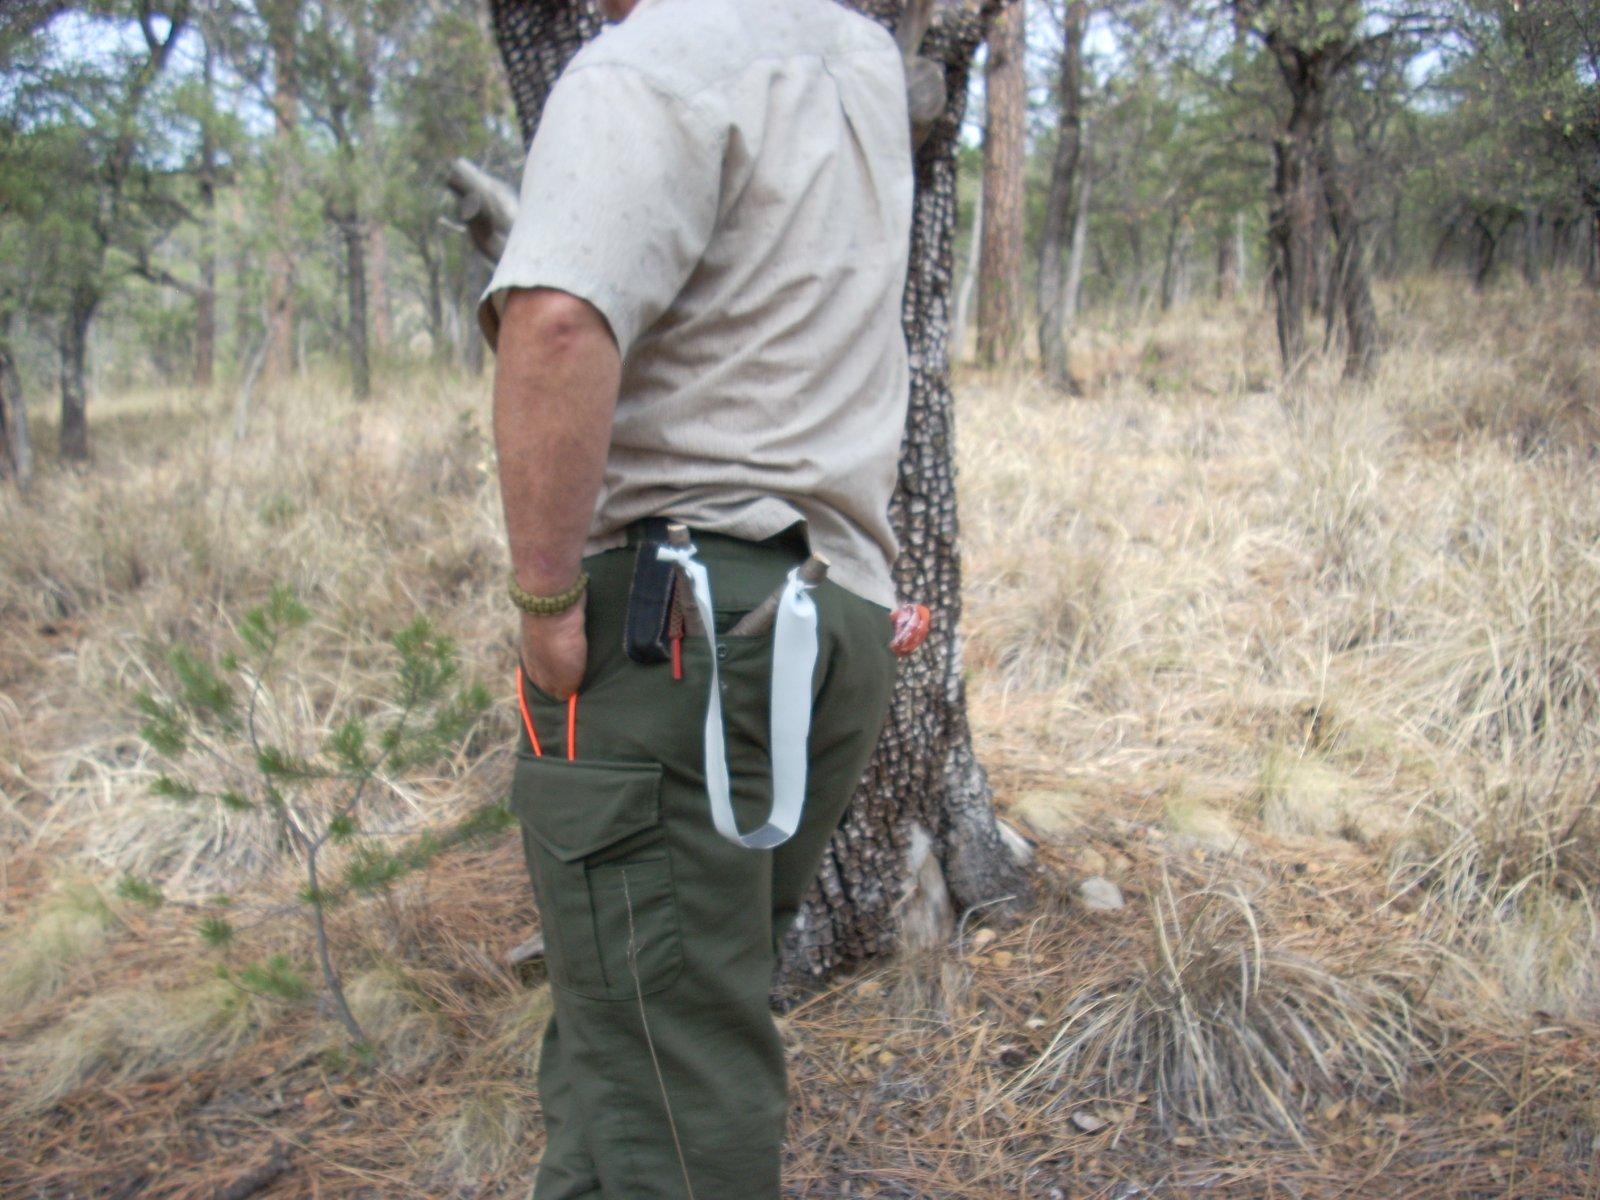 sling-shot-014-jpg.34691_Backwoods slingshot_Wilderness Survival_Squat the Planet_10:55 AM